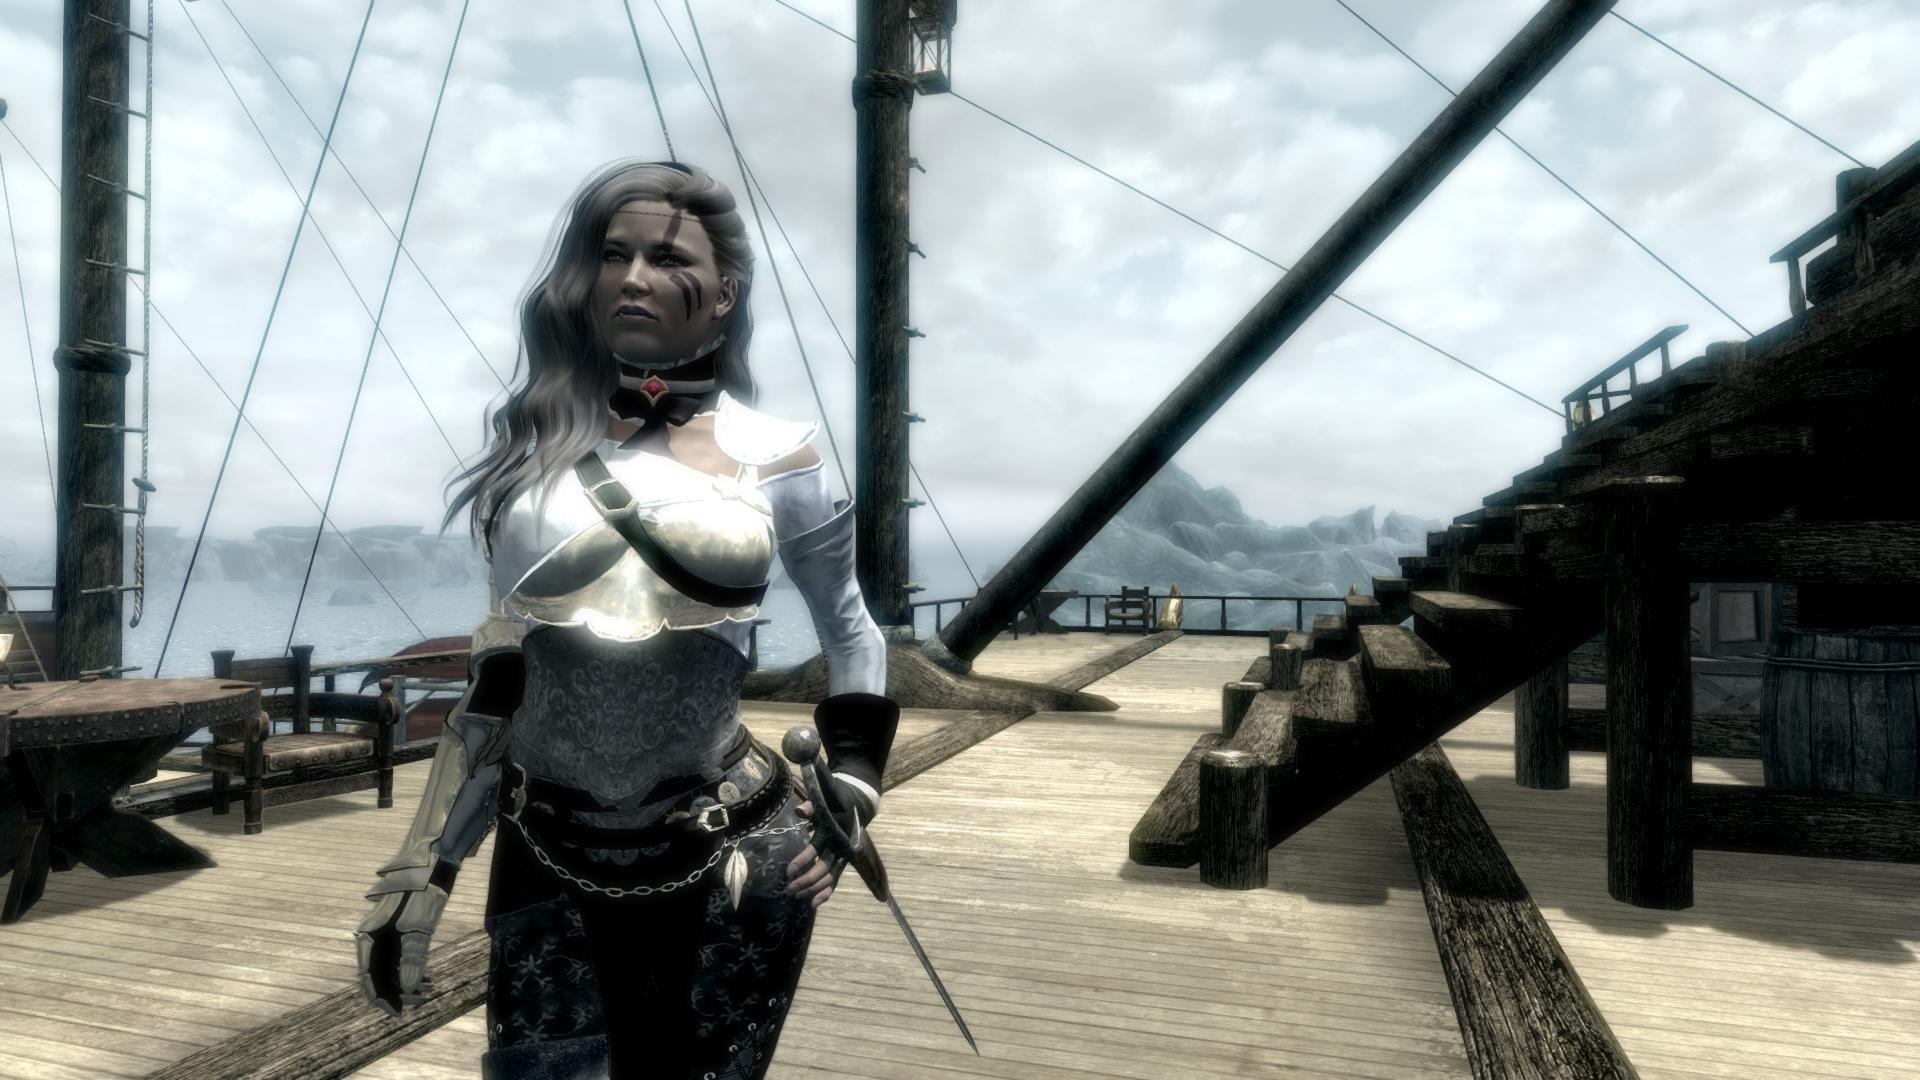 Героиня ракурс 25 - Elder Scrolls 5: Skyrim, the